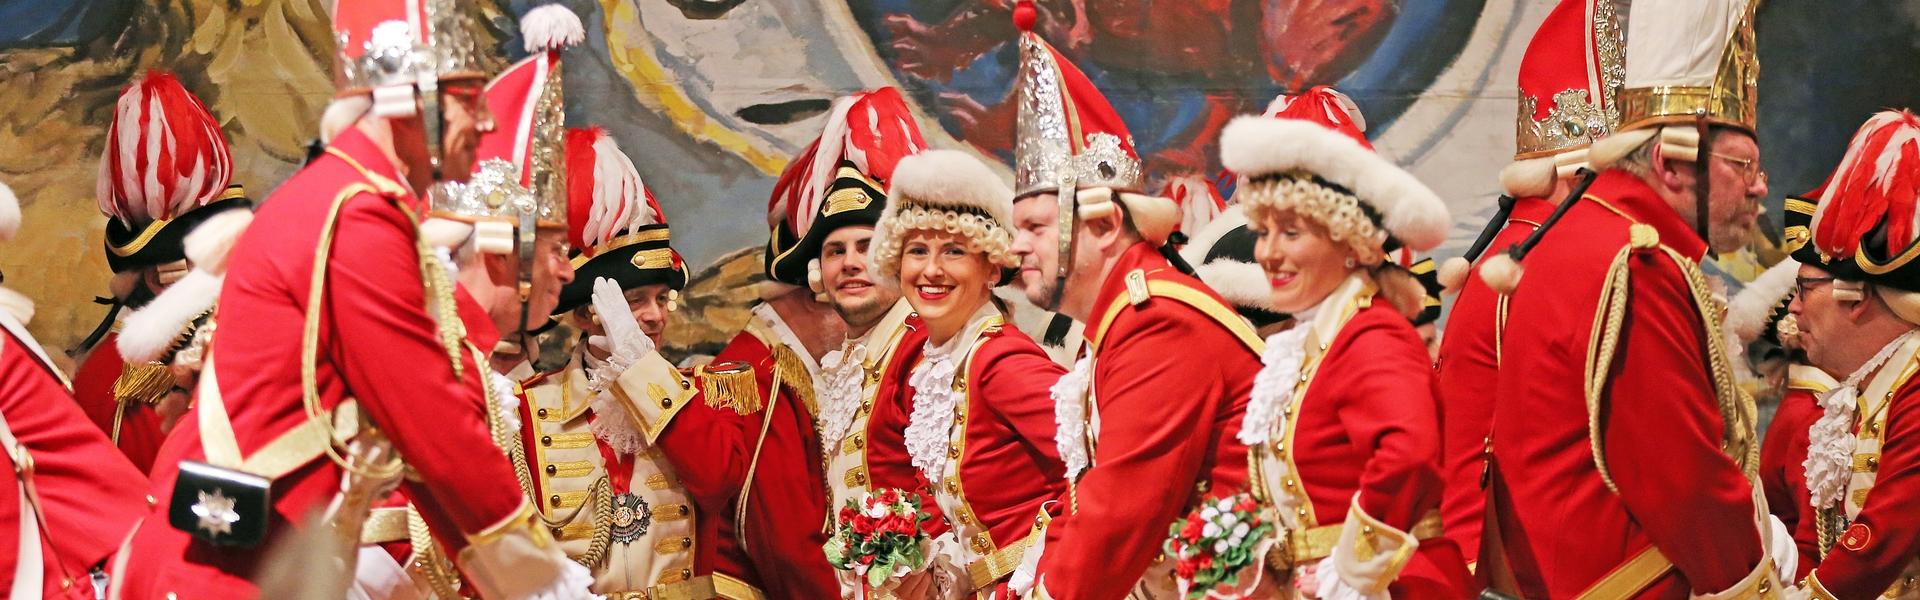 Die Tänzerin schaut, während eines Tanzes der Ehrengarde, lachend in die Kamera.